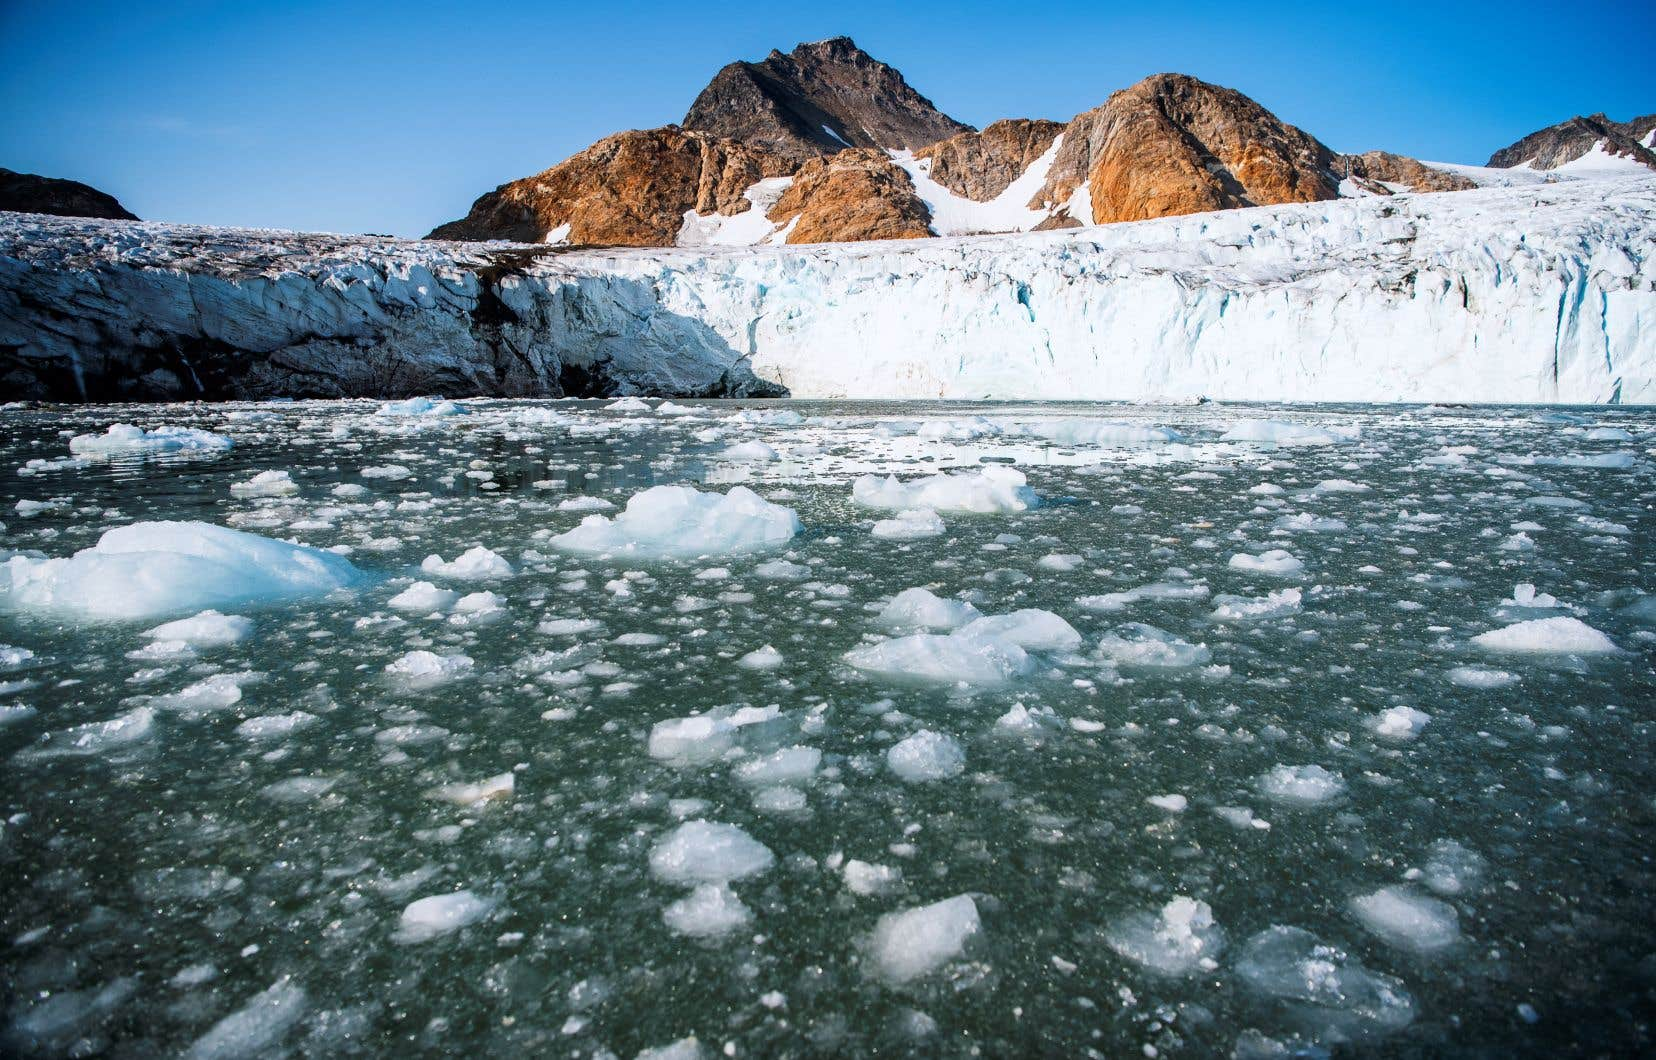 Les experts ont évalué que 48% de la perte de glace du Groenland est imputable au déplacement du glacier vers la mer.